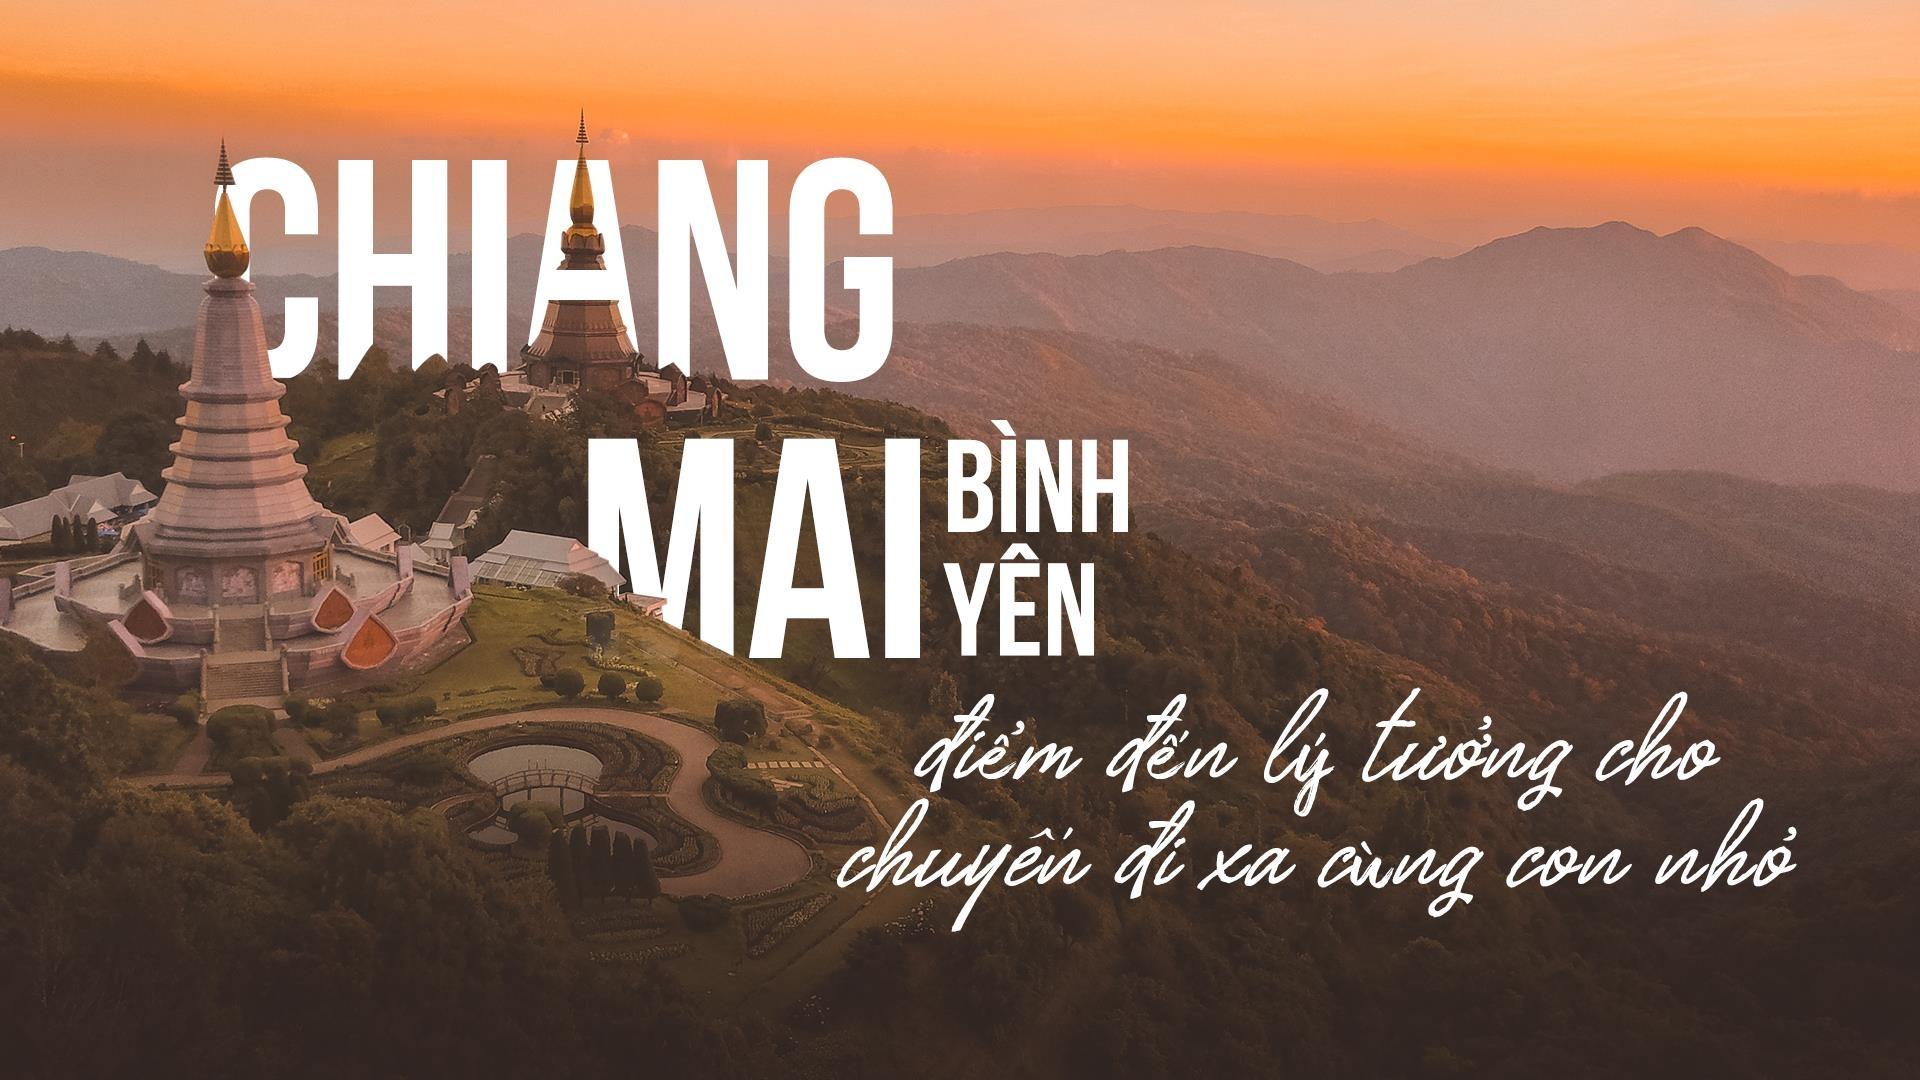 Chiang Mai binh yen - diem den ly tuong cho chuyen di xa cung con nho hinh anh 2